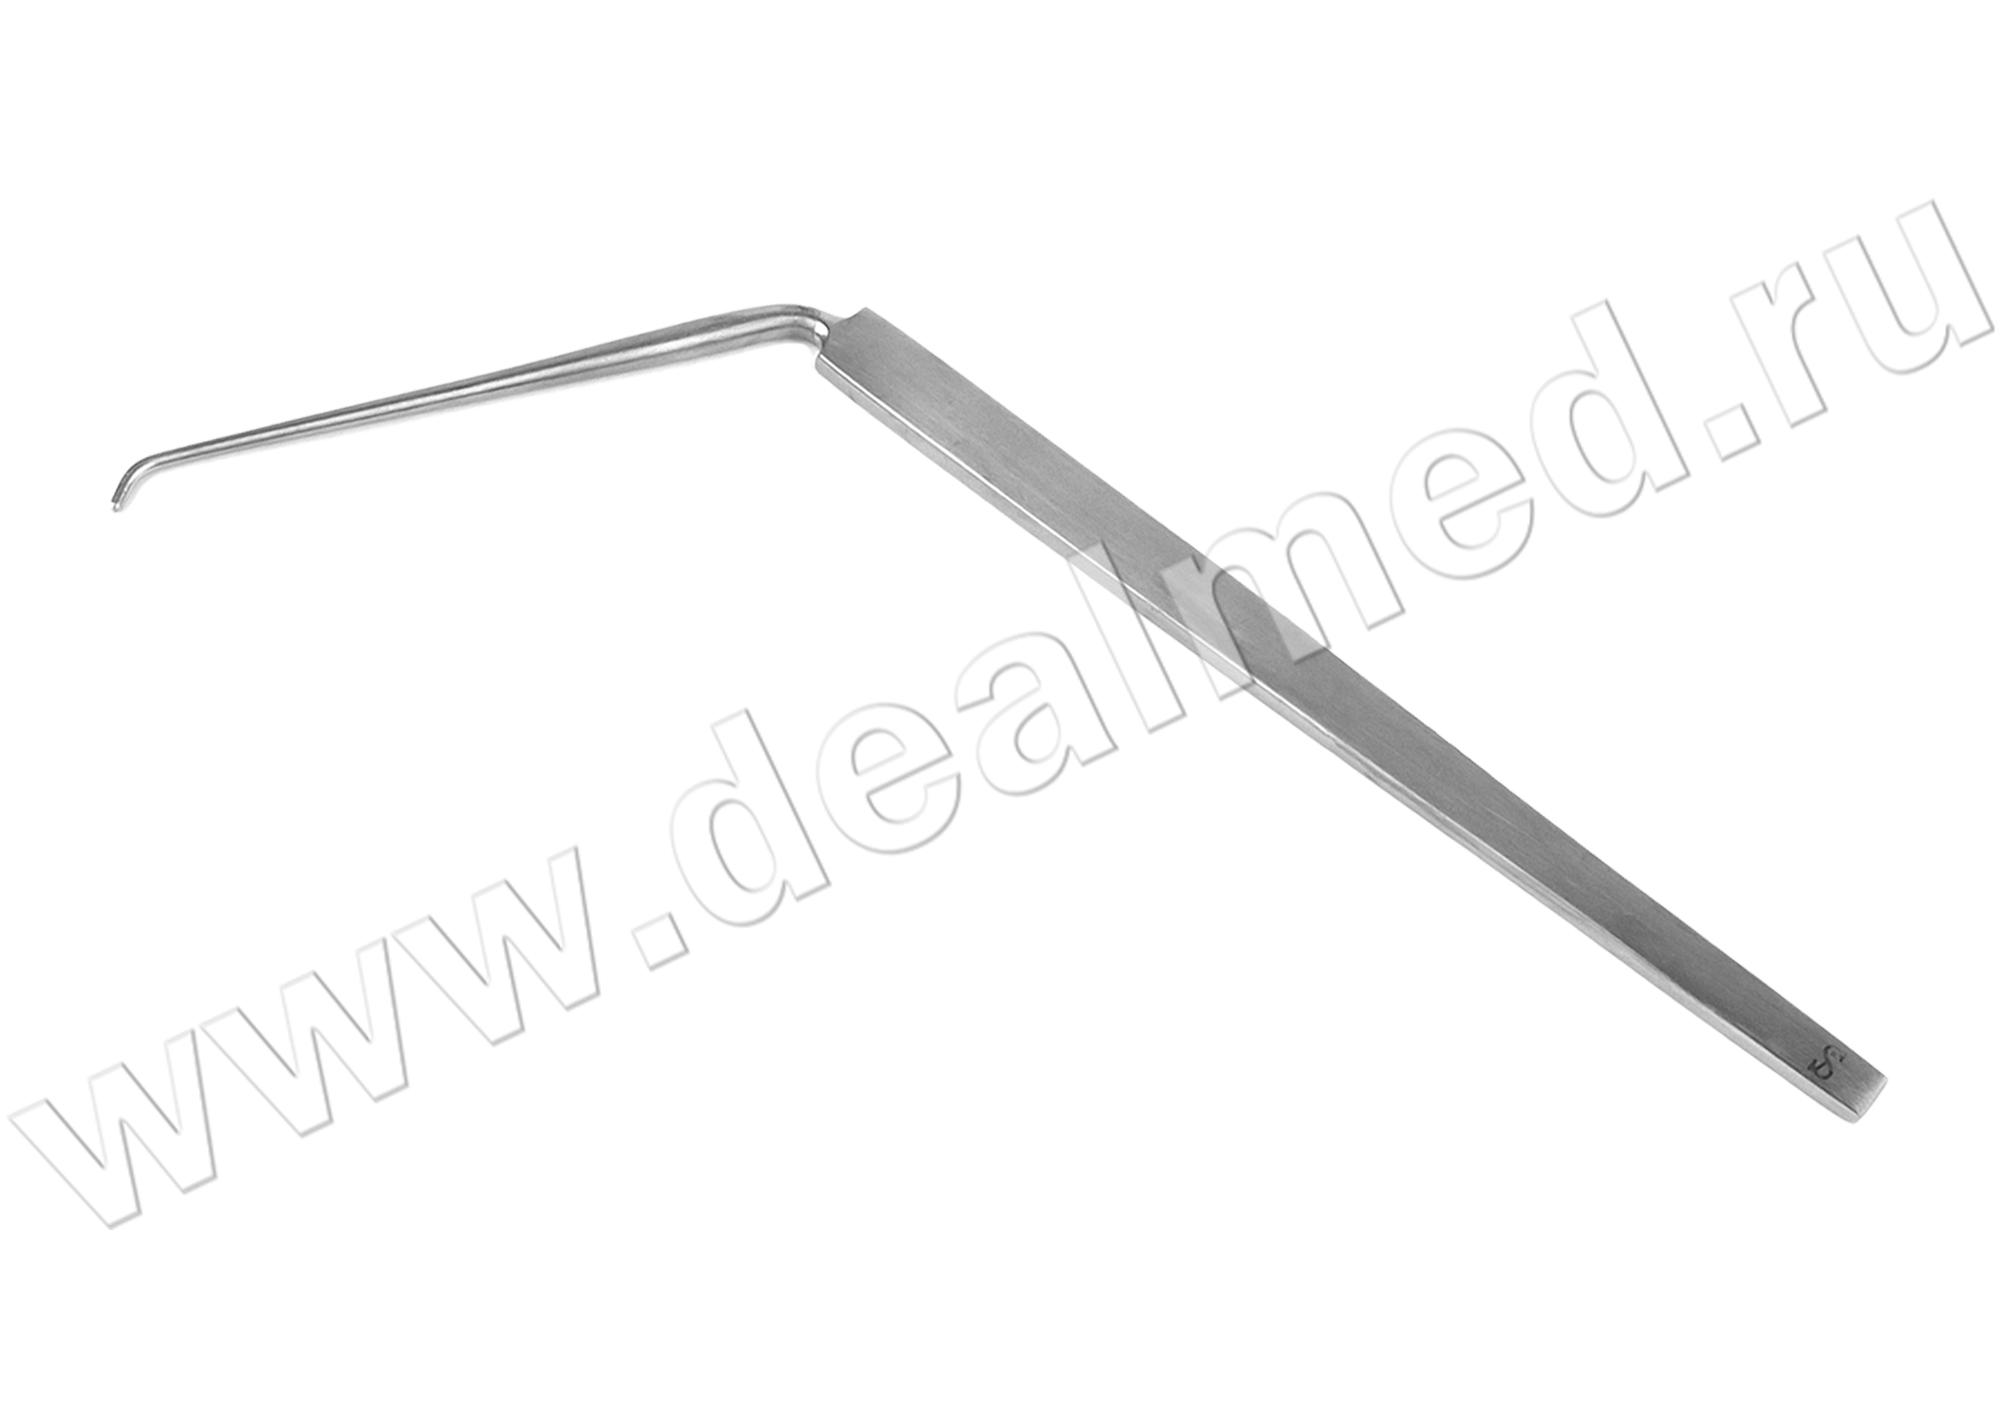 Крючок для удаления инородных тел из уха Braun, Пакистан